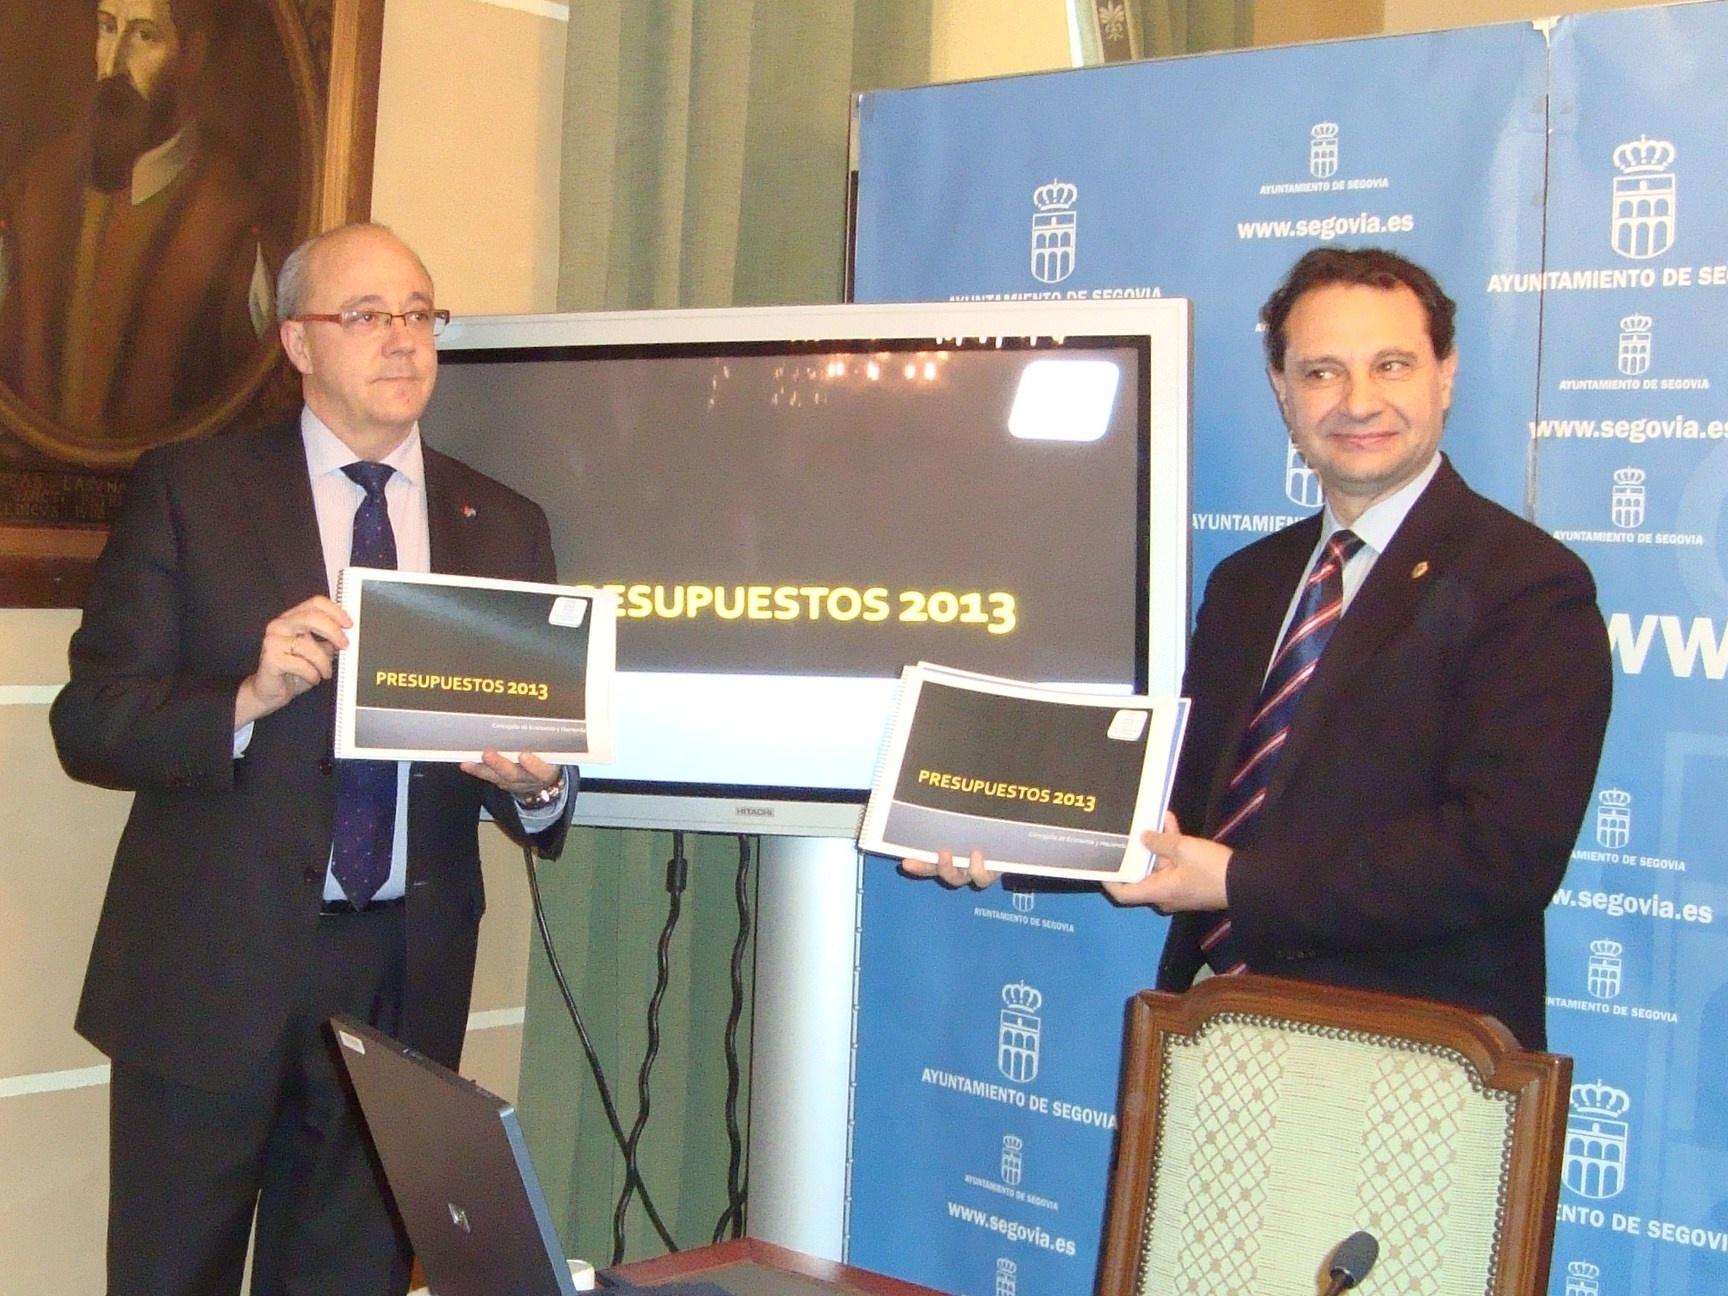 El Ayuntamiento de Segovia tendrá 60 millones de presupuesto en 2013 y mantendrá servicios sociales y plantilla